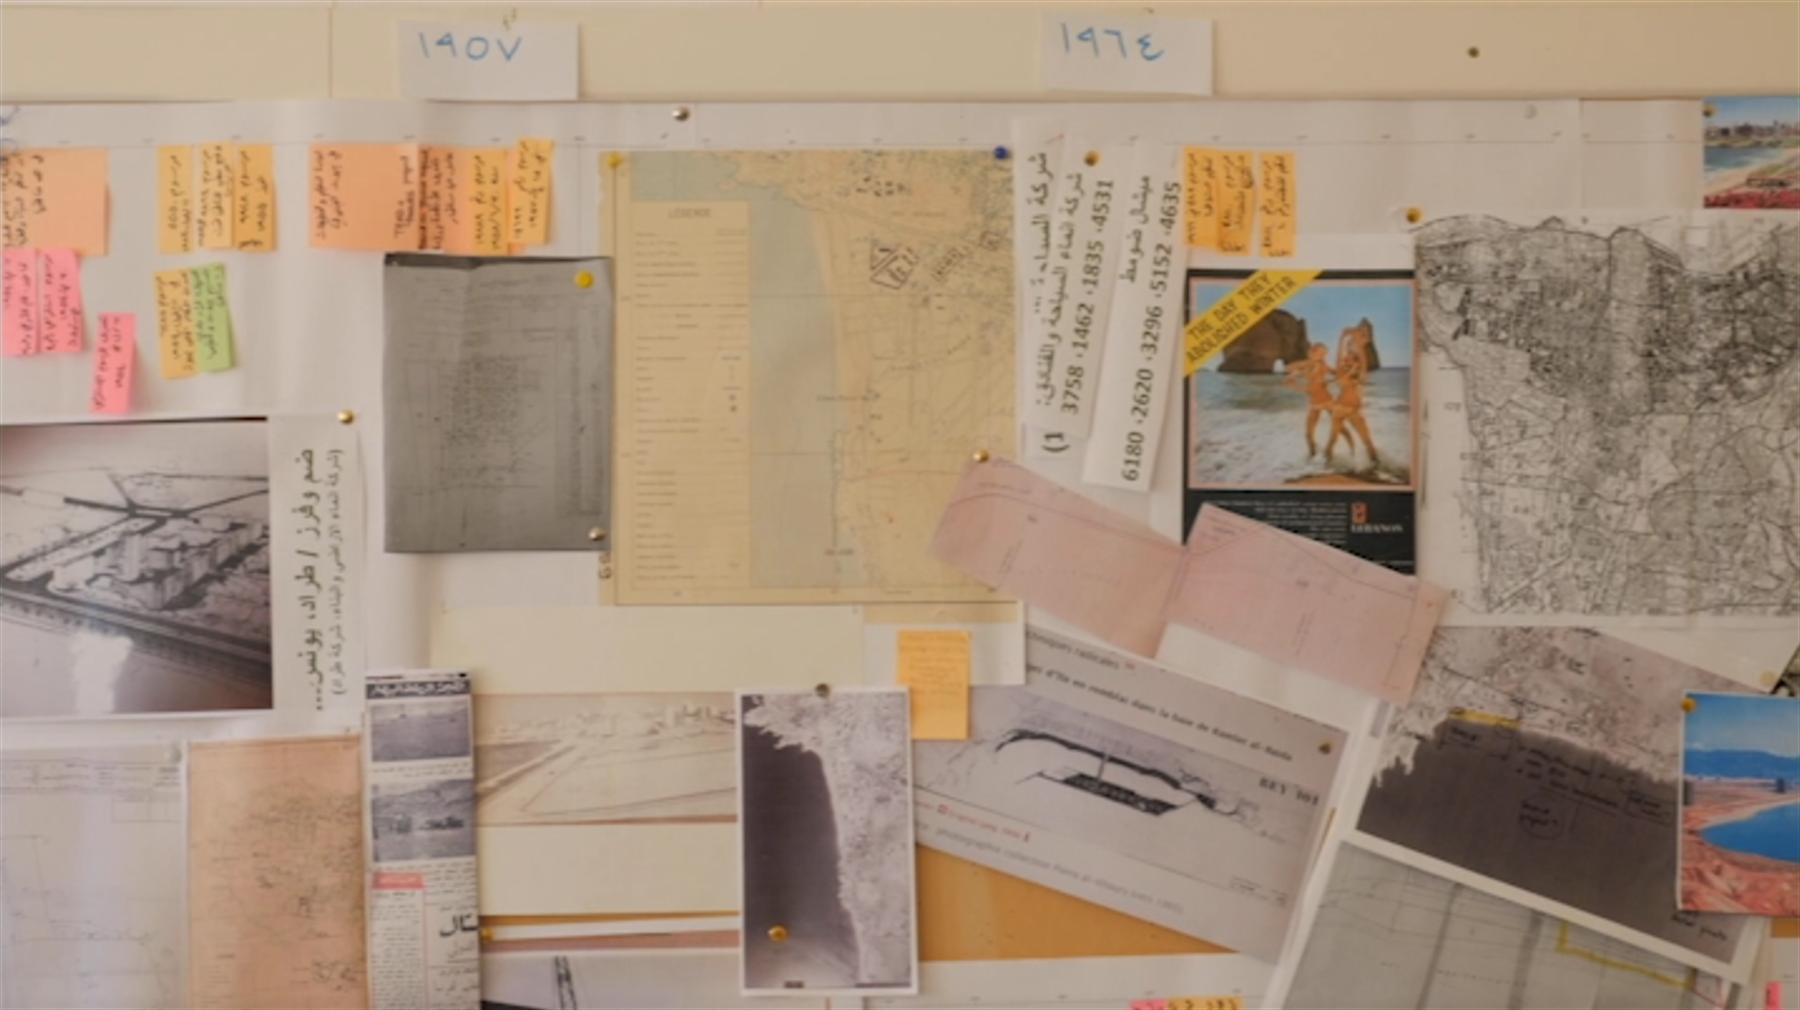 """لقطة ثابتة من فيلم """"رملة بيروت"""" تظهر المواد الأرشيفية التي استندت عليه أبحاث الفيلم"""